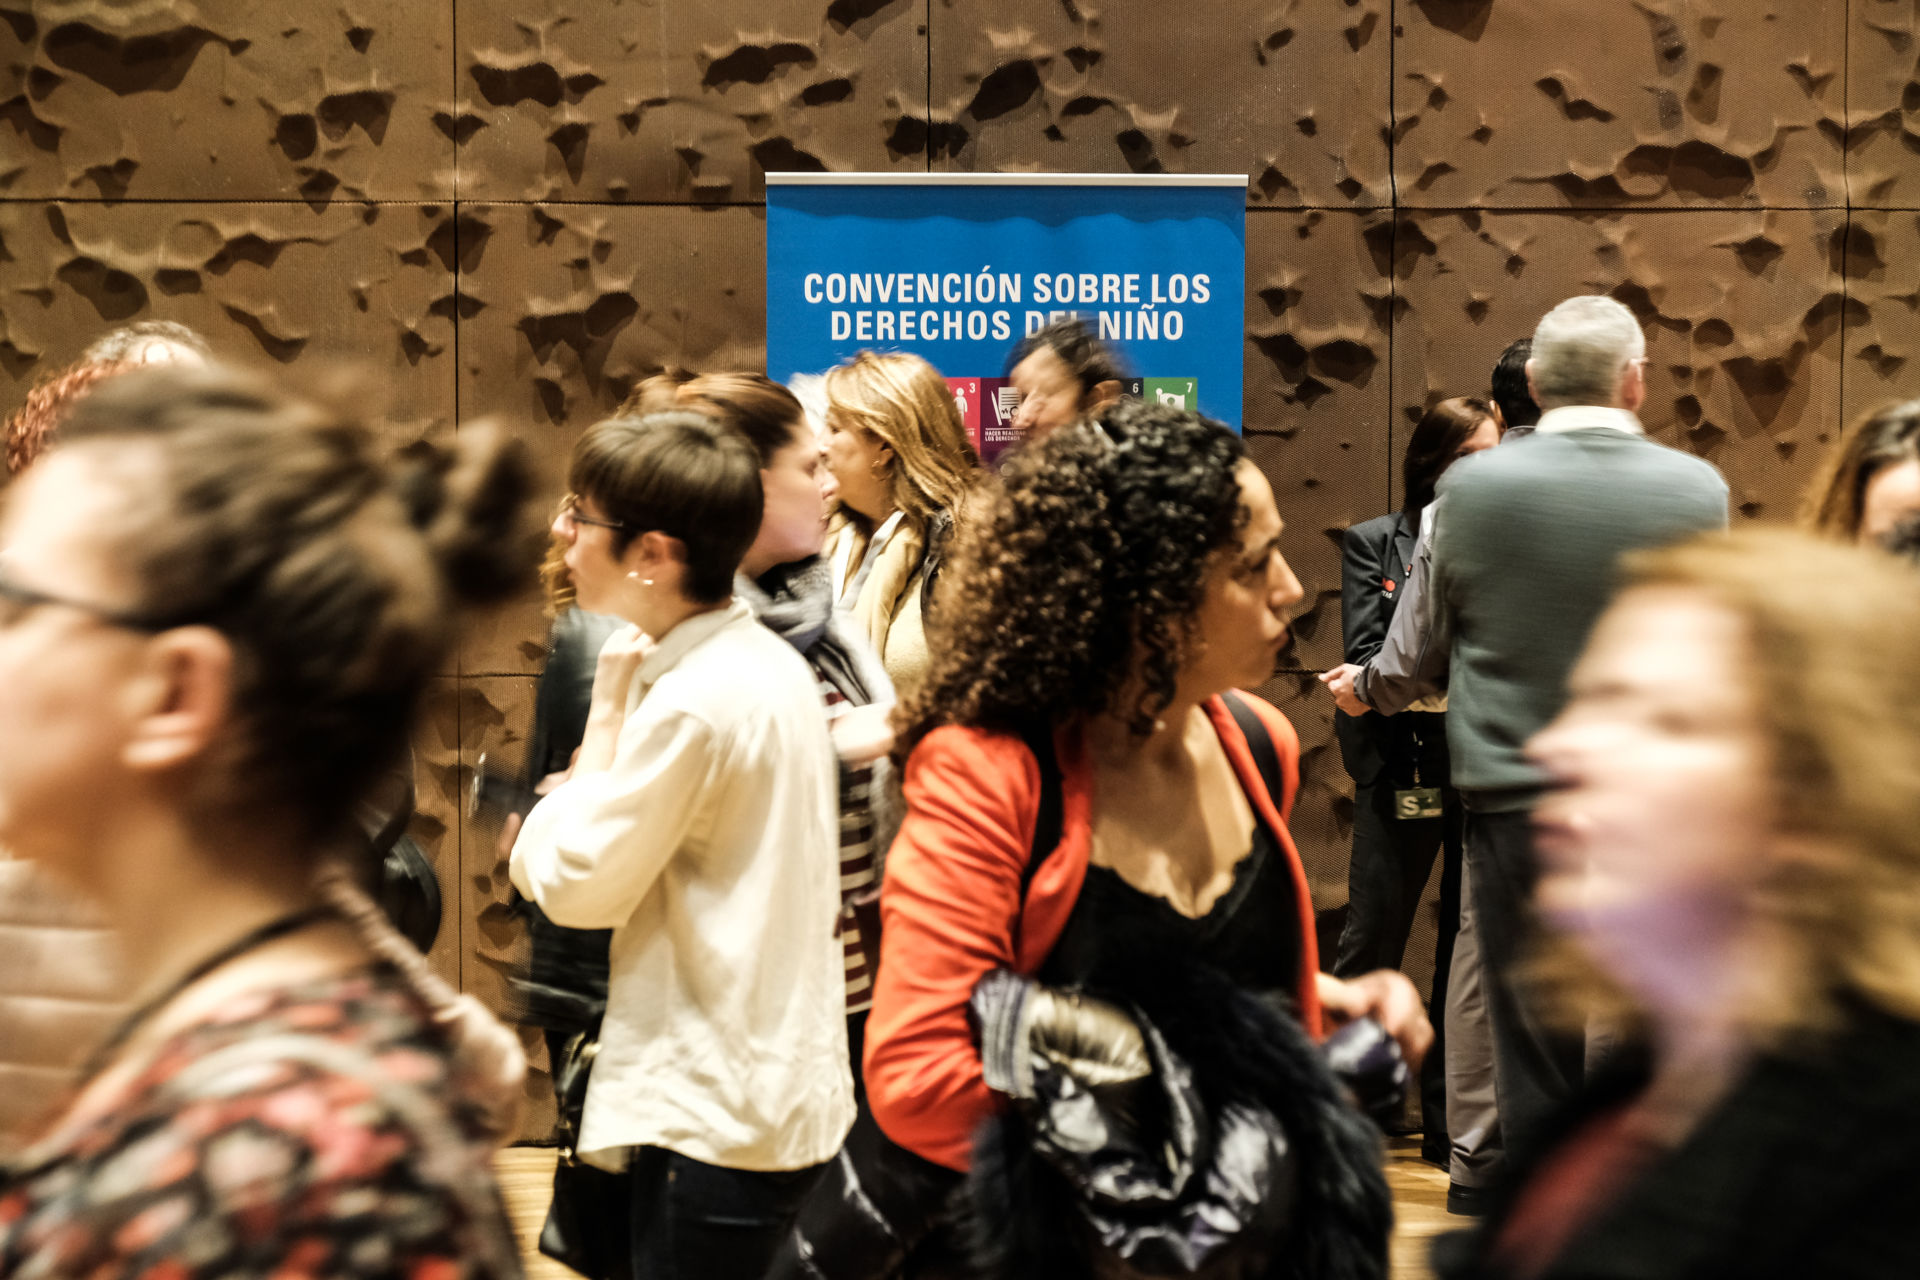 Cartel de Convención sobre los Derechos del Niño en el V Congreso de Ciudades Amigas de la Infancia / UNICEF Comité Español/2019/Hugo Palotto